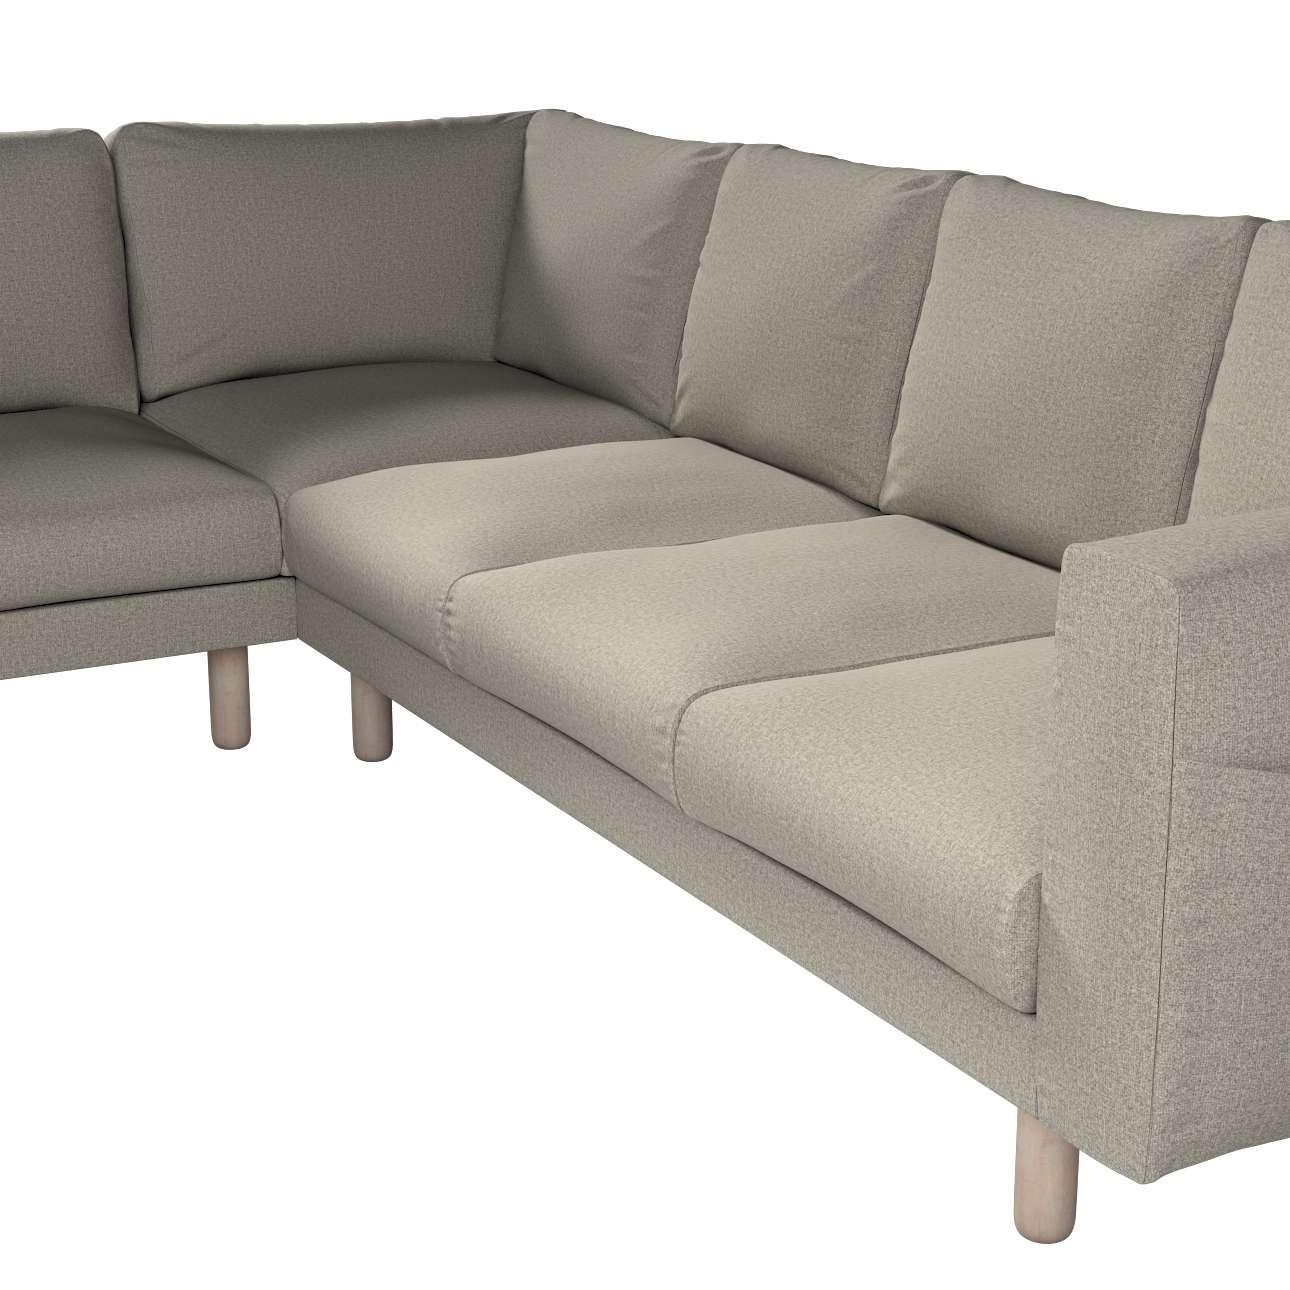 Pokrowiec na sofę narożną Norsborg 5-osobową w kolekcji Madrid, tkanina: 161-23